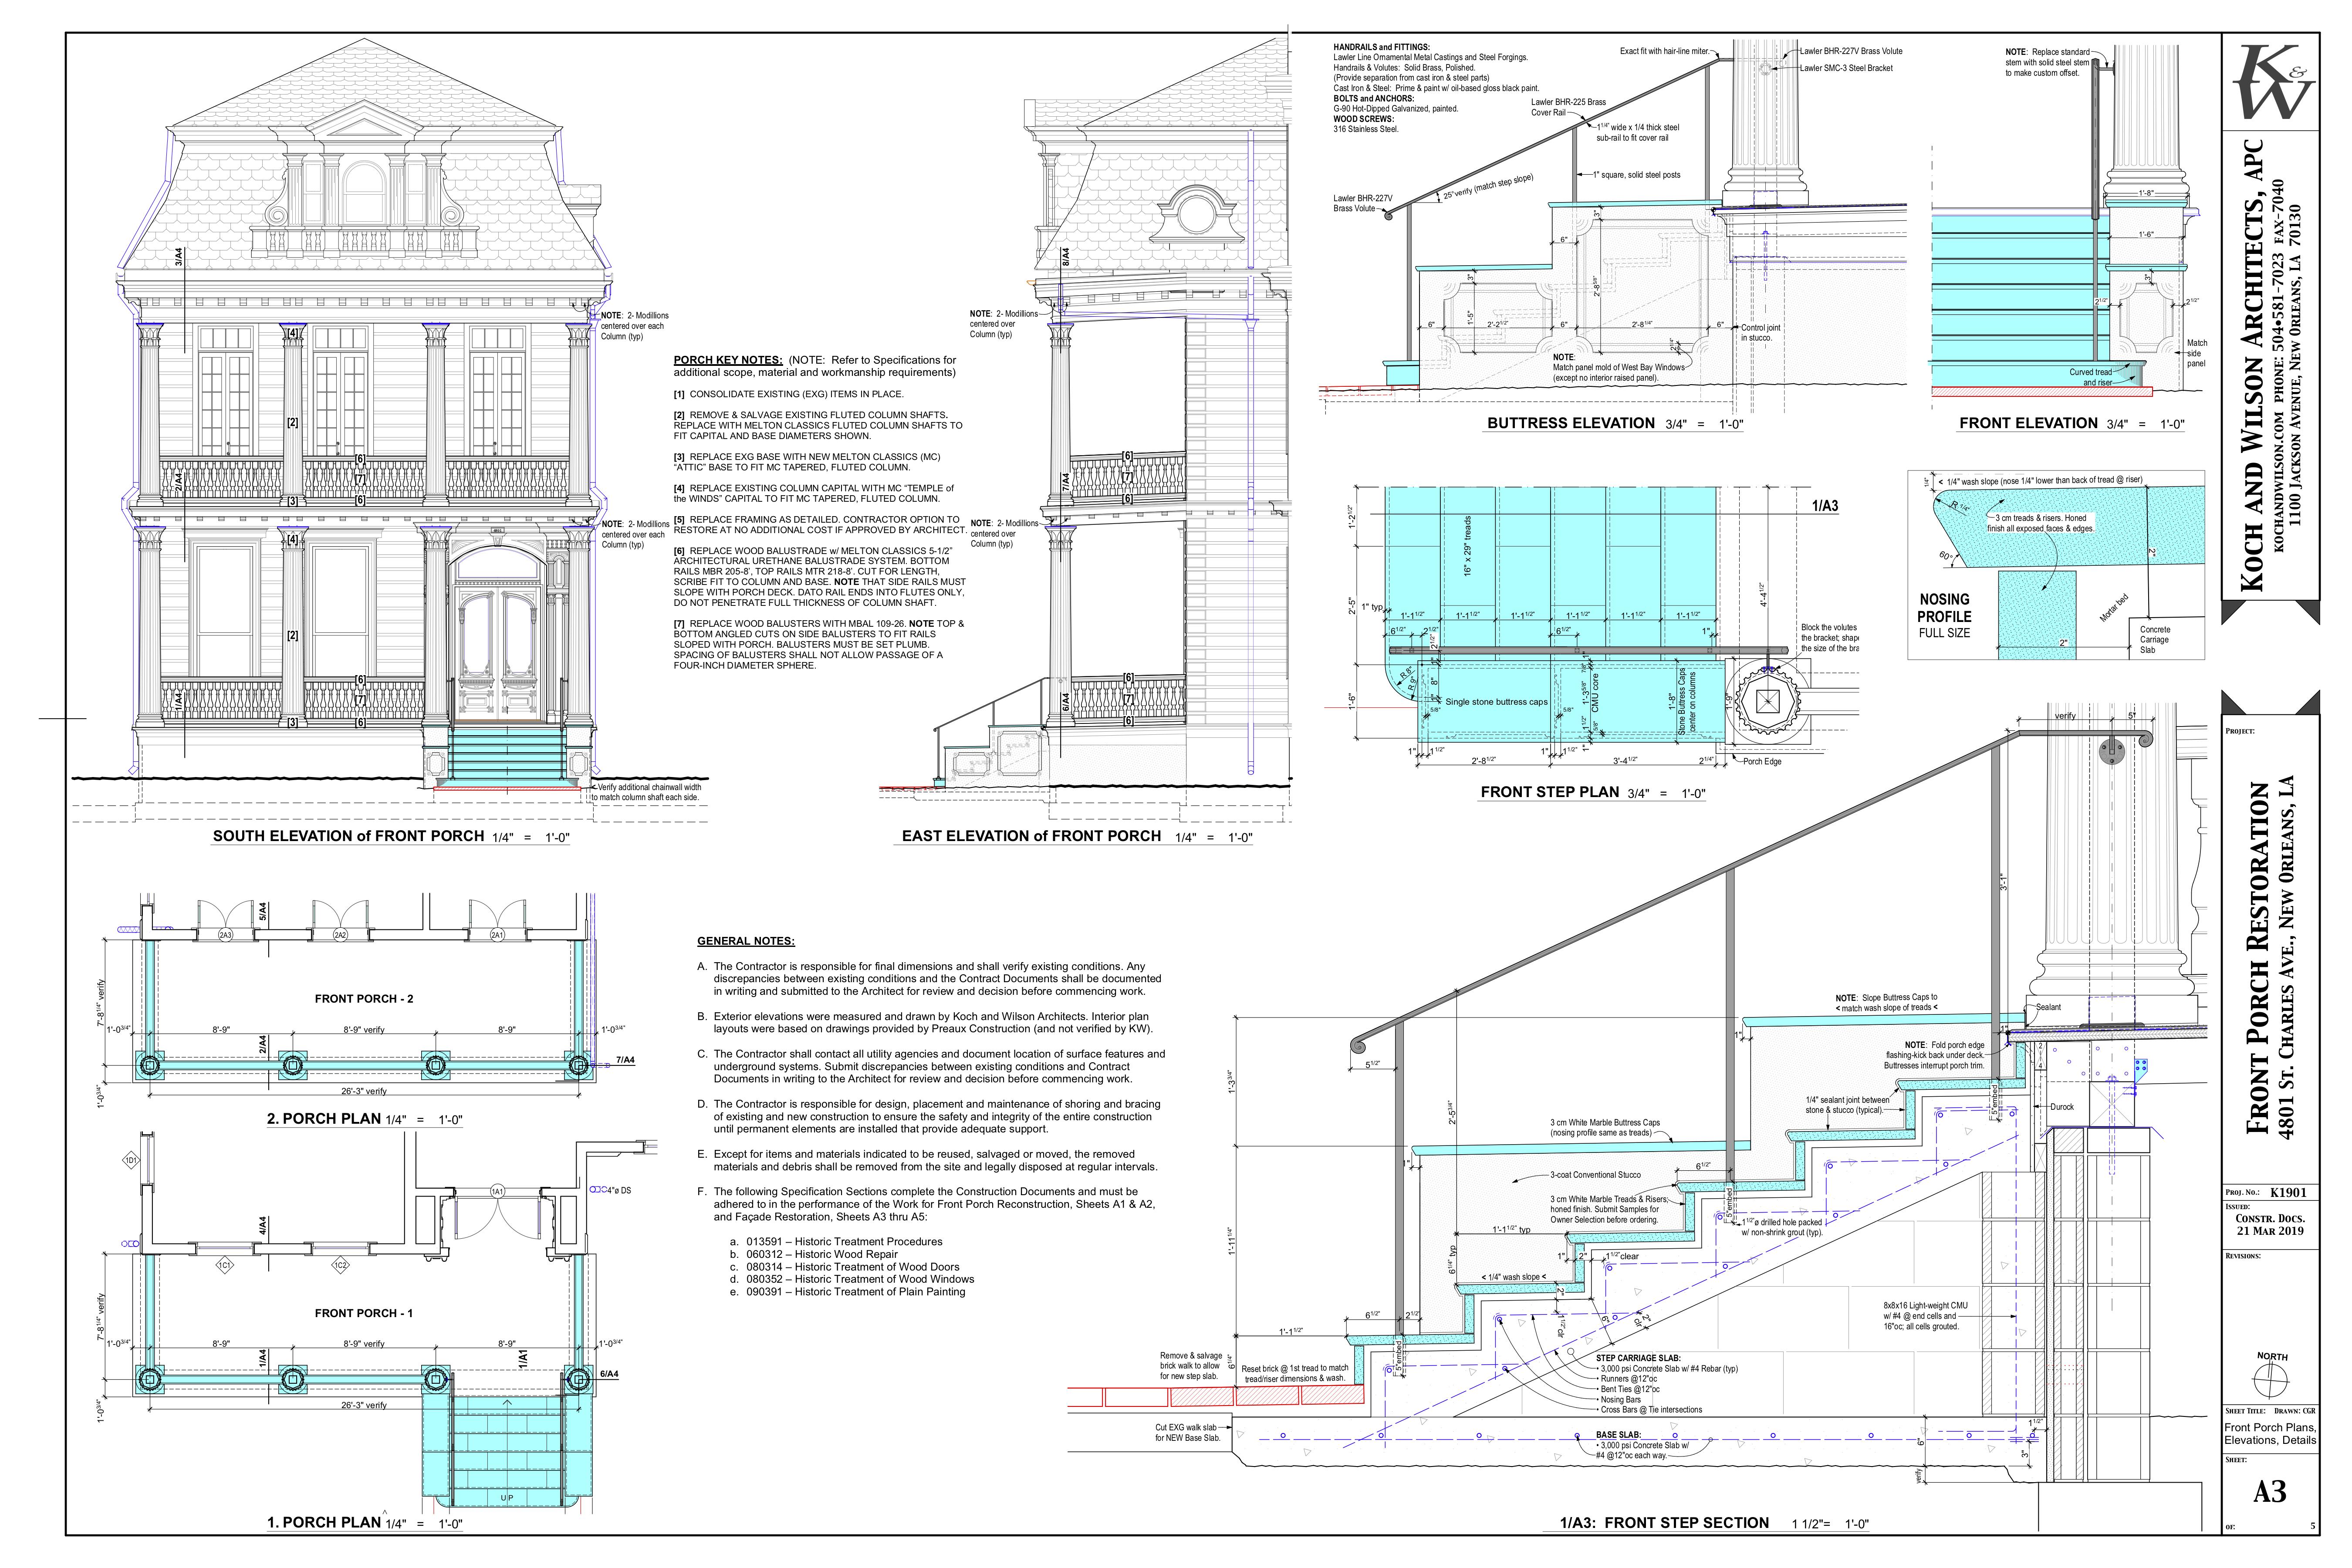 A3 Front Porch Plans & Details